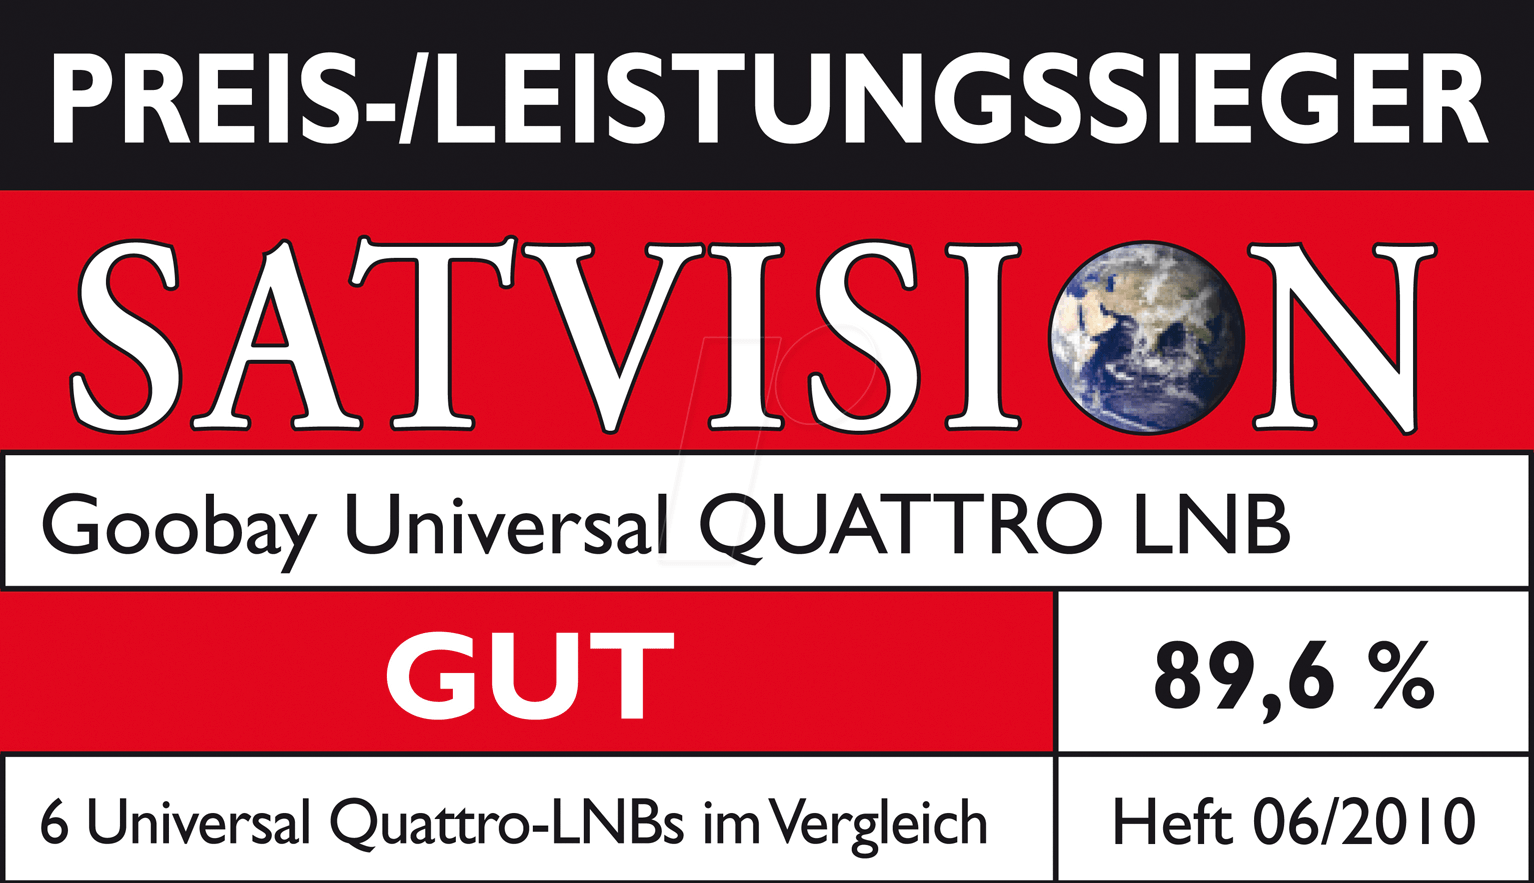 https://cdn-reichelt.de/bilder/web/xxl_ws/E900/GOOBY_QUATTRO_SV.png